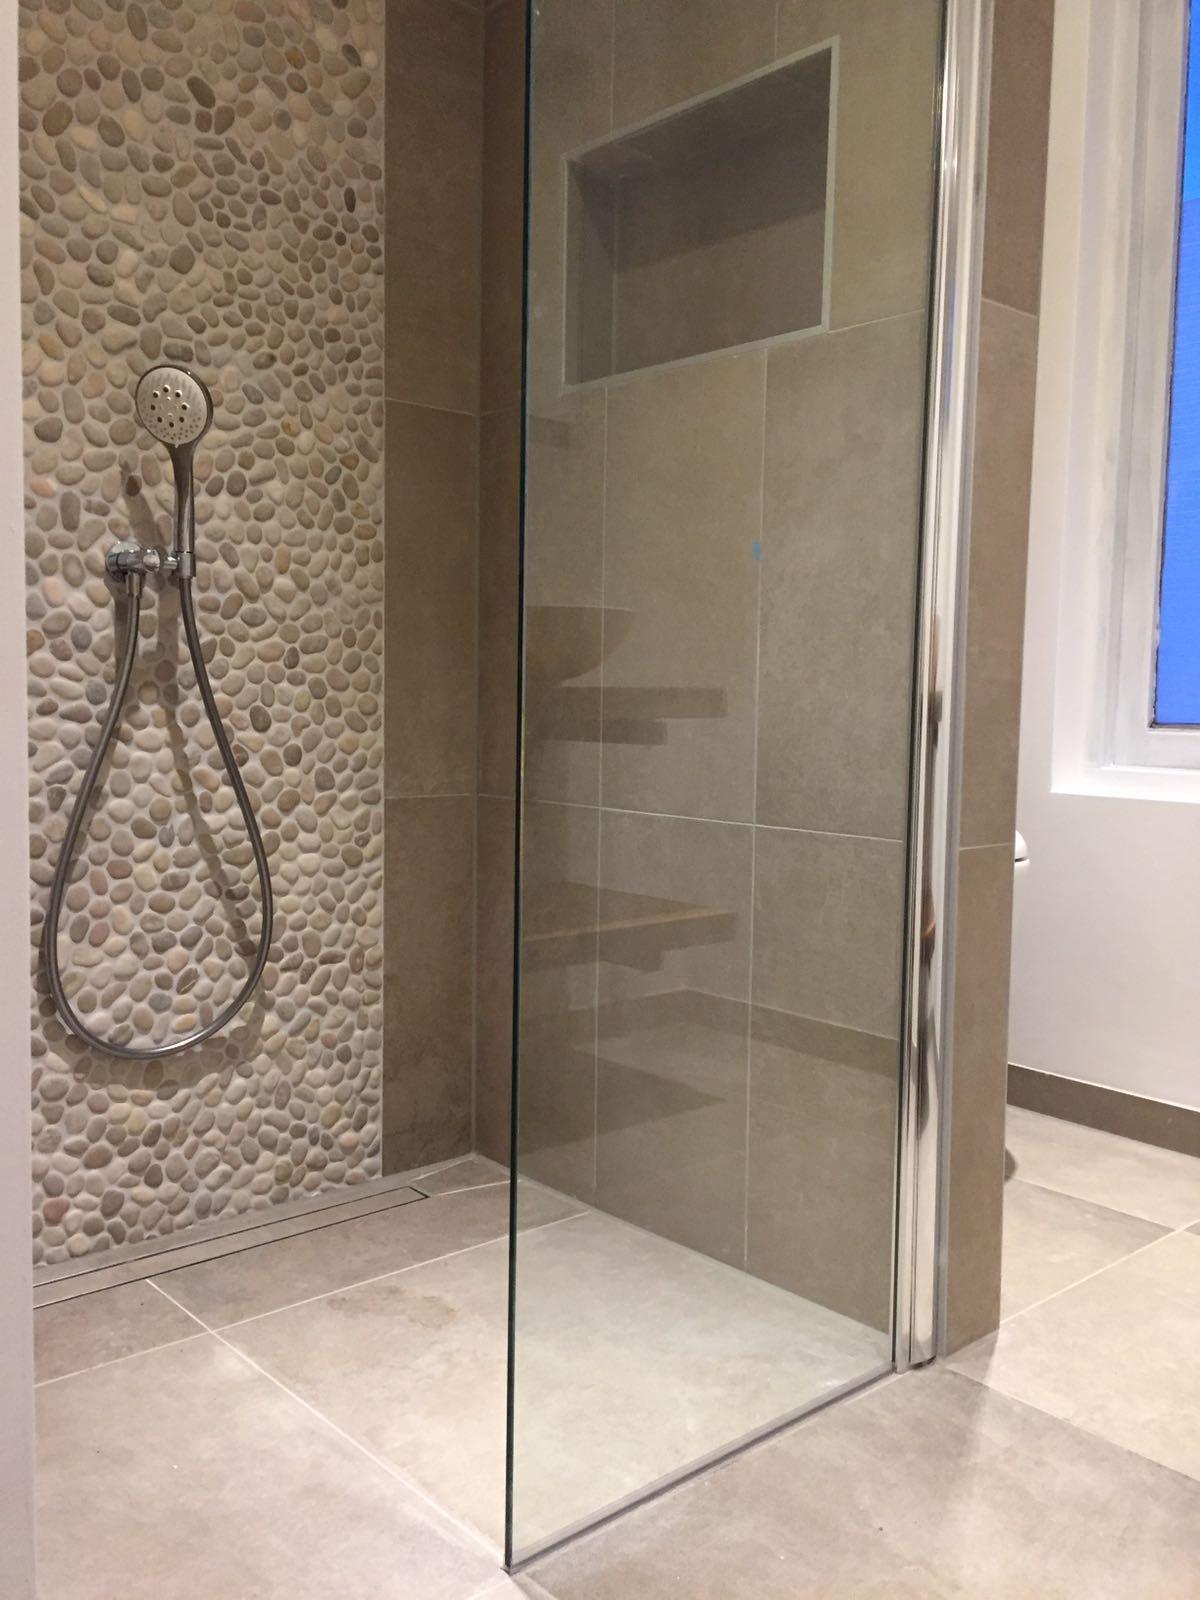 Badkamer Vloertegels 60x60.Kiezels In De Badkamer Hier In Combinatie Met Een Taupe Tegels